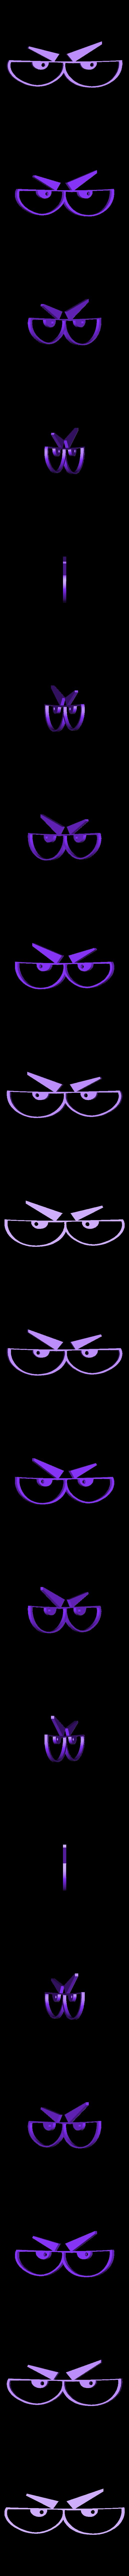 Expressive_eyes.STL Télécharger fichier STL gratuit Expressive eyes • Design pour impression 3D, BEEVERYCREATIVE